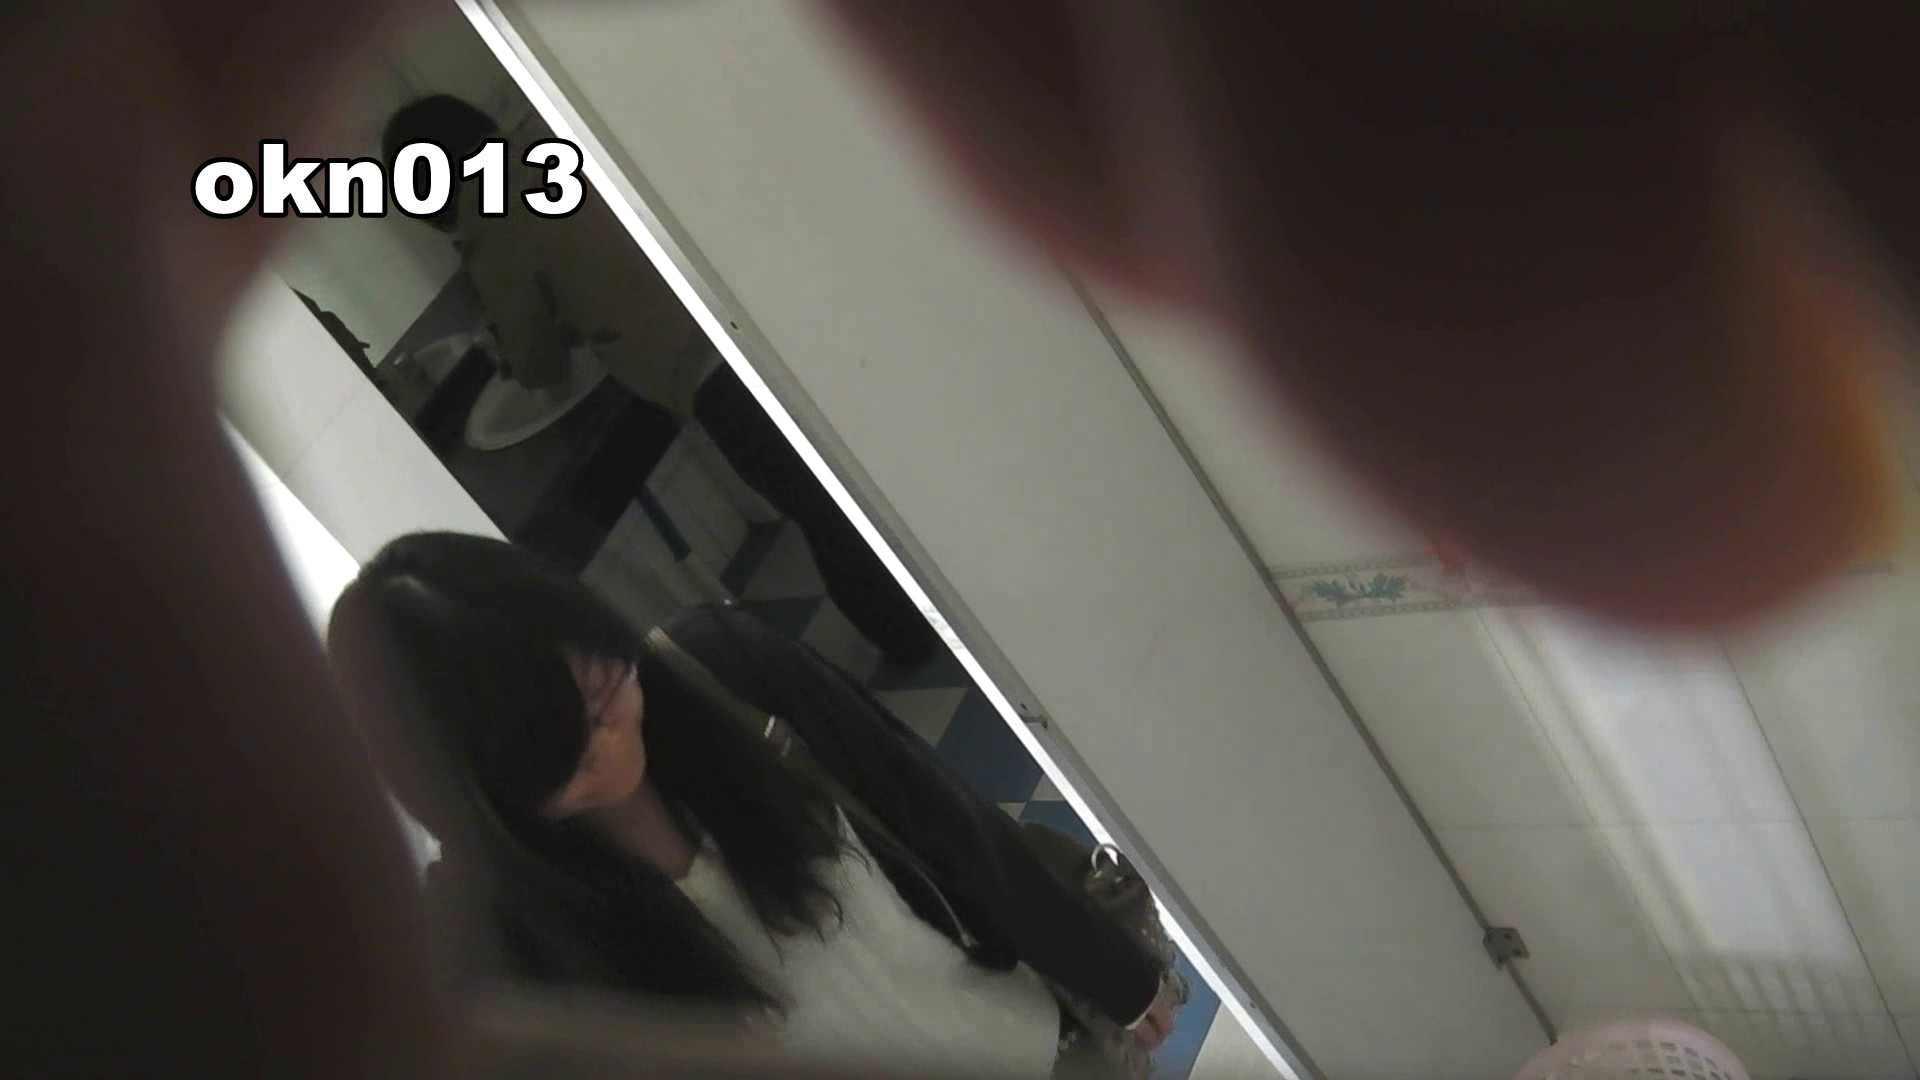 無修正エロ動画:下からノゾム vol.013 ギュっと*:怪盗ジョーカー